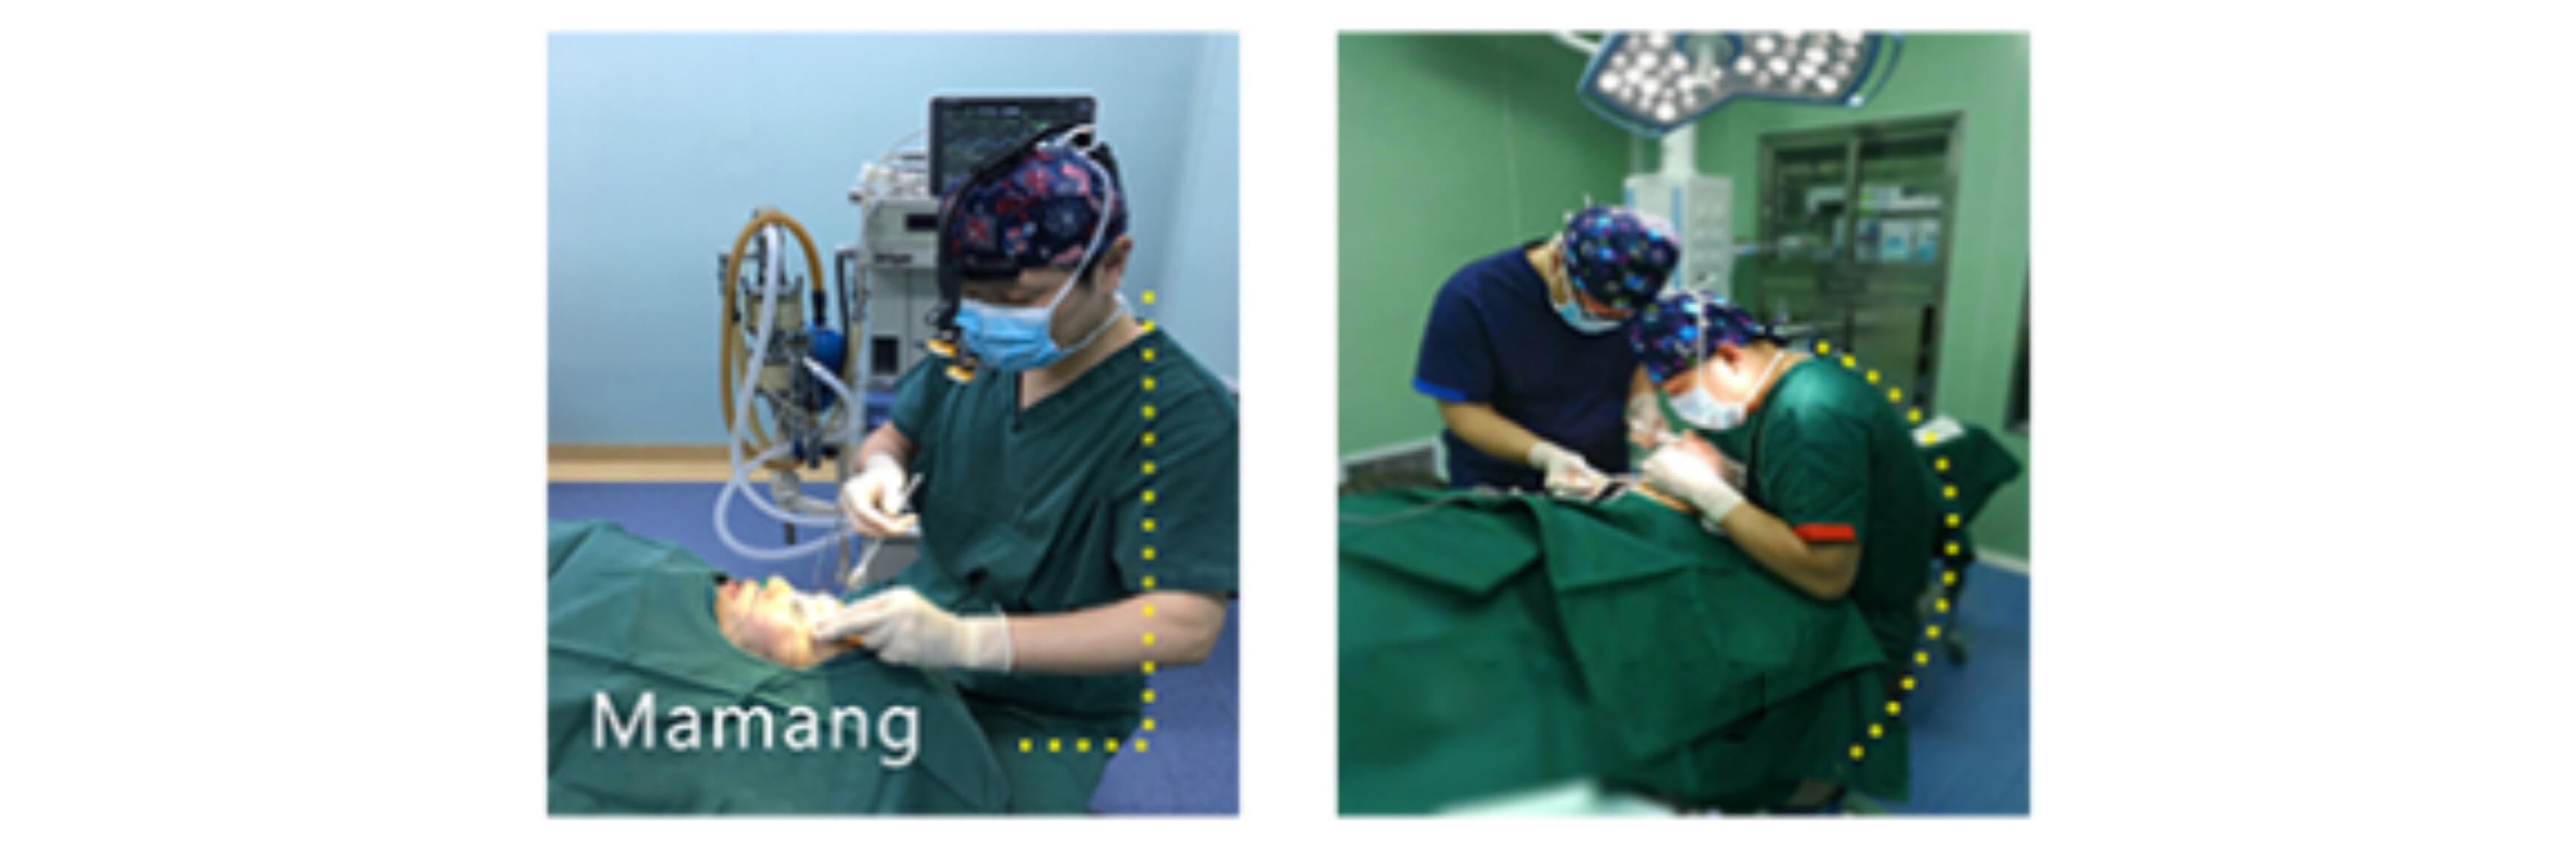 Sản Phẩm Mới: LED Phẫu Thuật Y Tế Mamang Đèn Pha Med Nguồn Cung Cấp